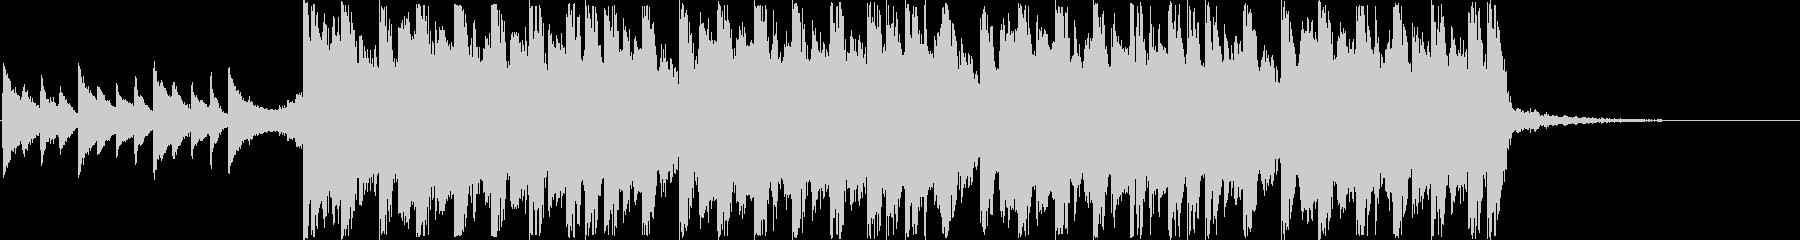 切ないクリスマスのデジタルJ-POPの未再生の波形